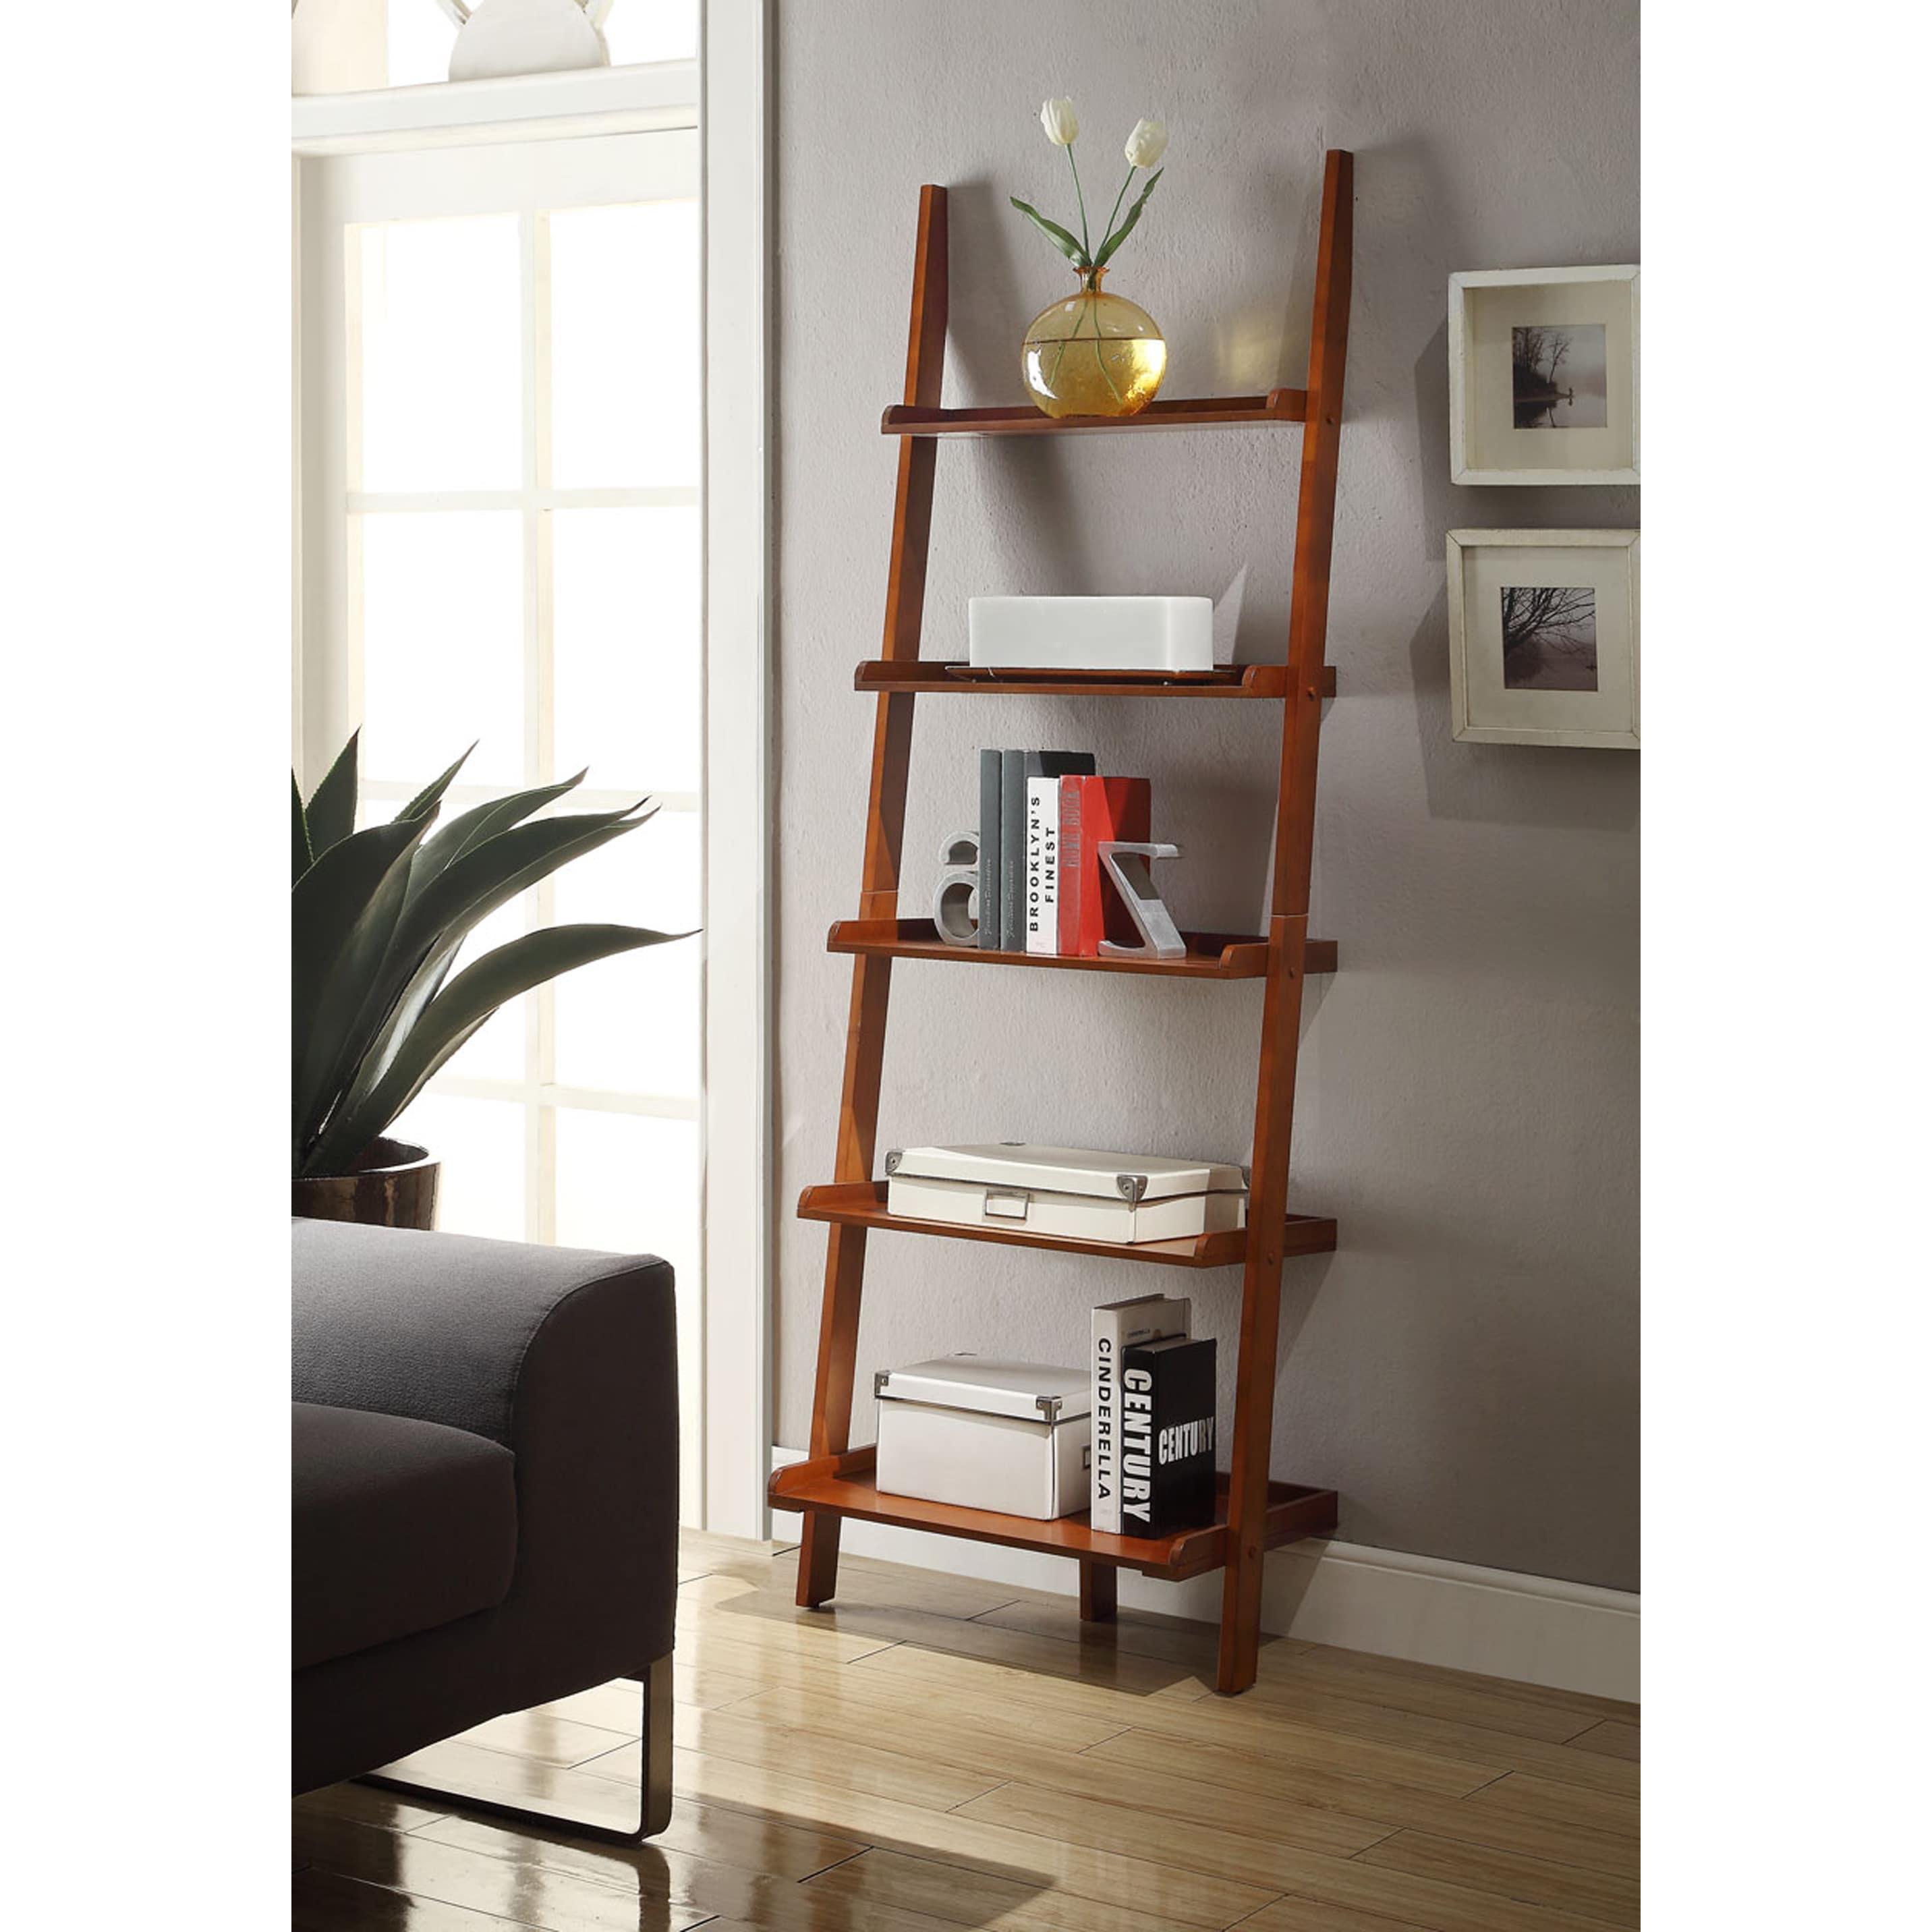 fed5ac7cc0 Shop Porch & Den Bywater Villere Ladder Bookshelf - Driftwood (As Is ...